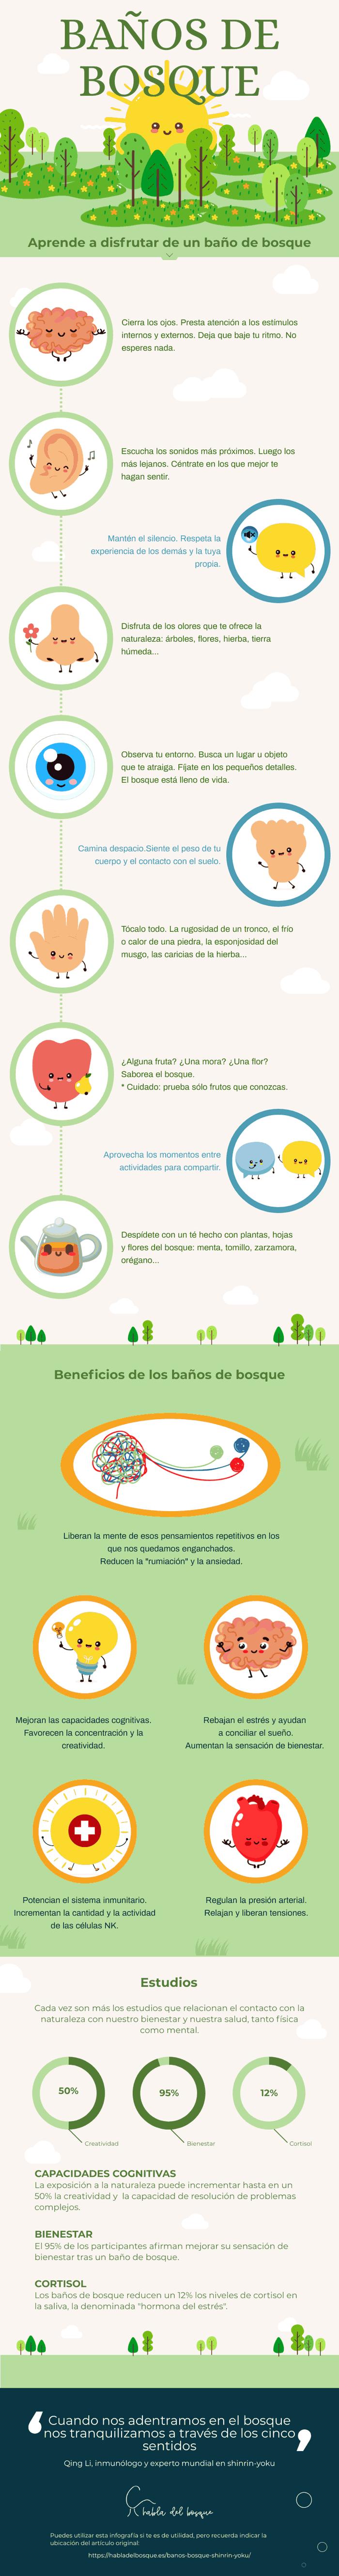 Baños de Bosque o Shinrin-yoku Infografia